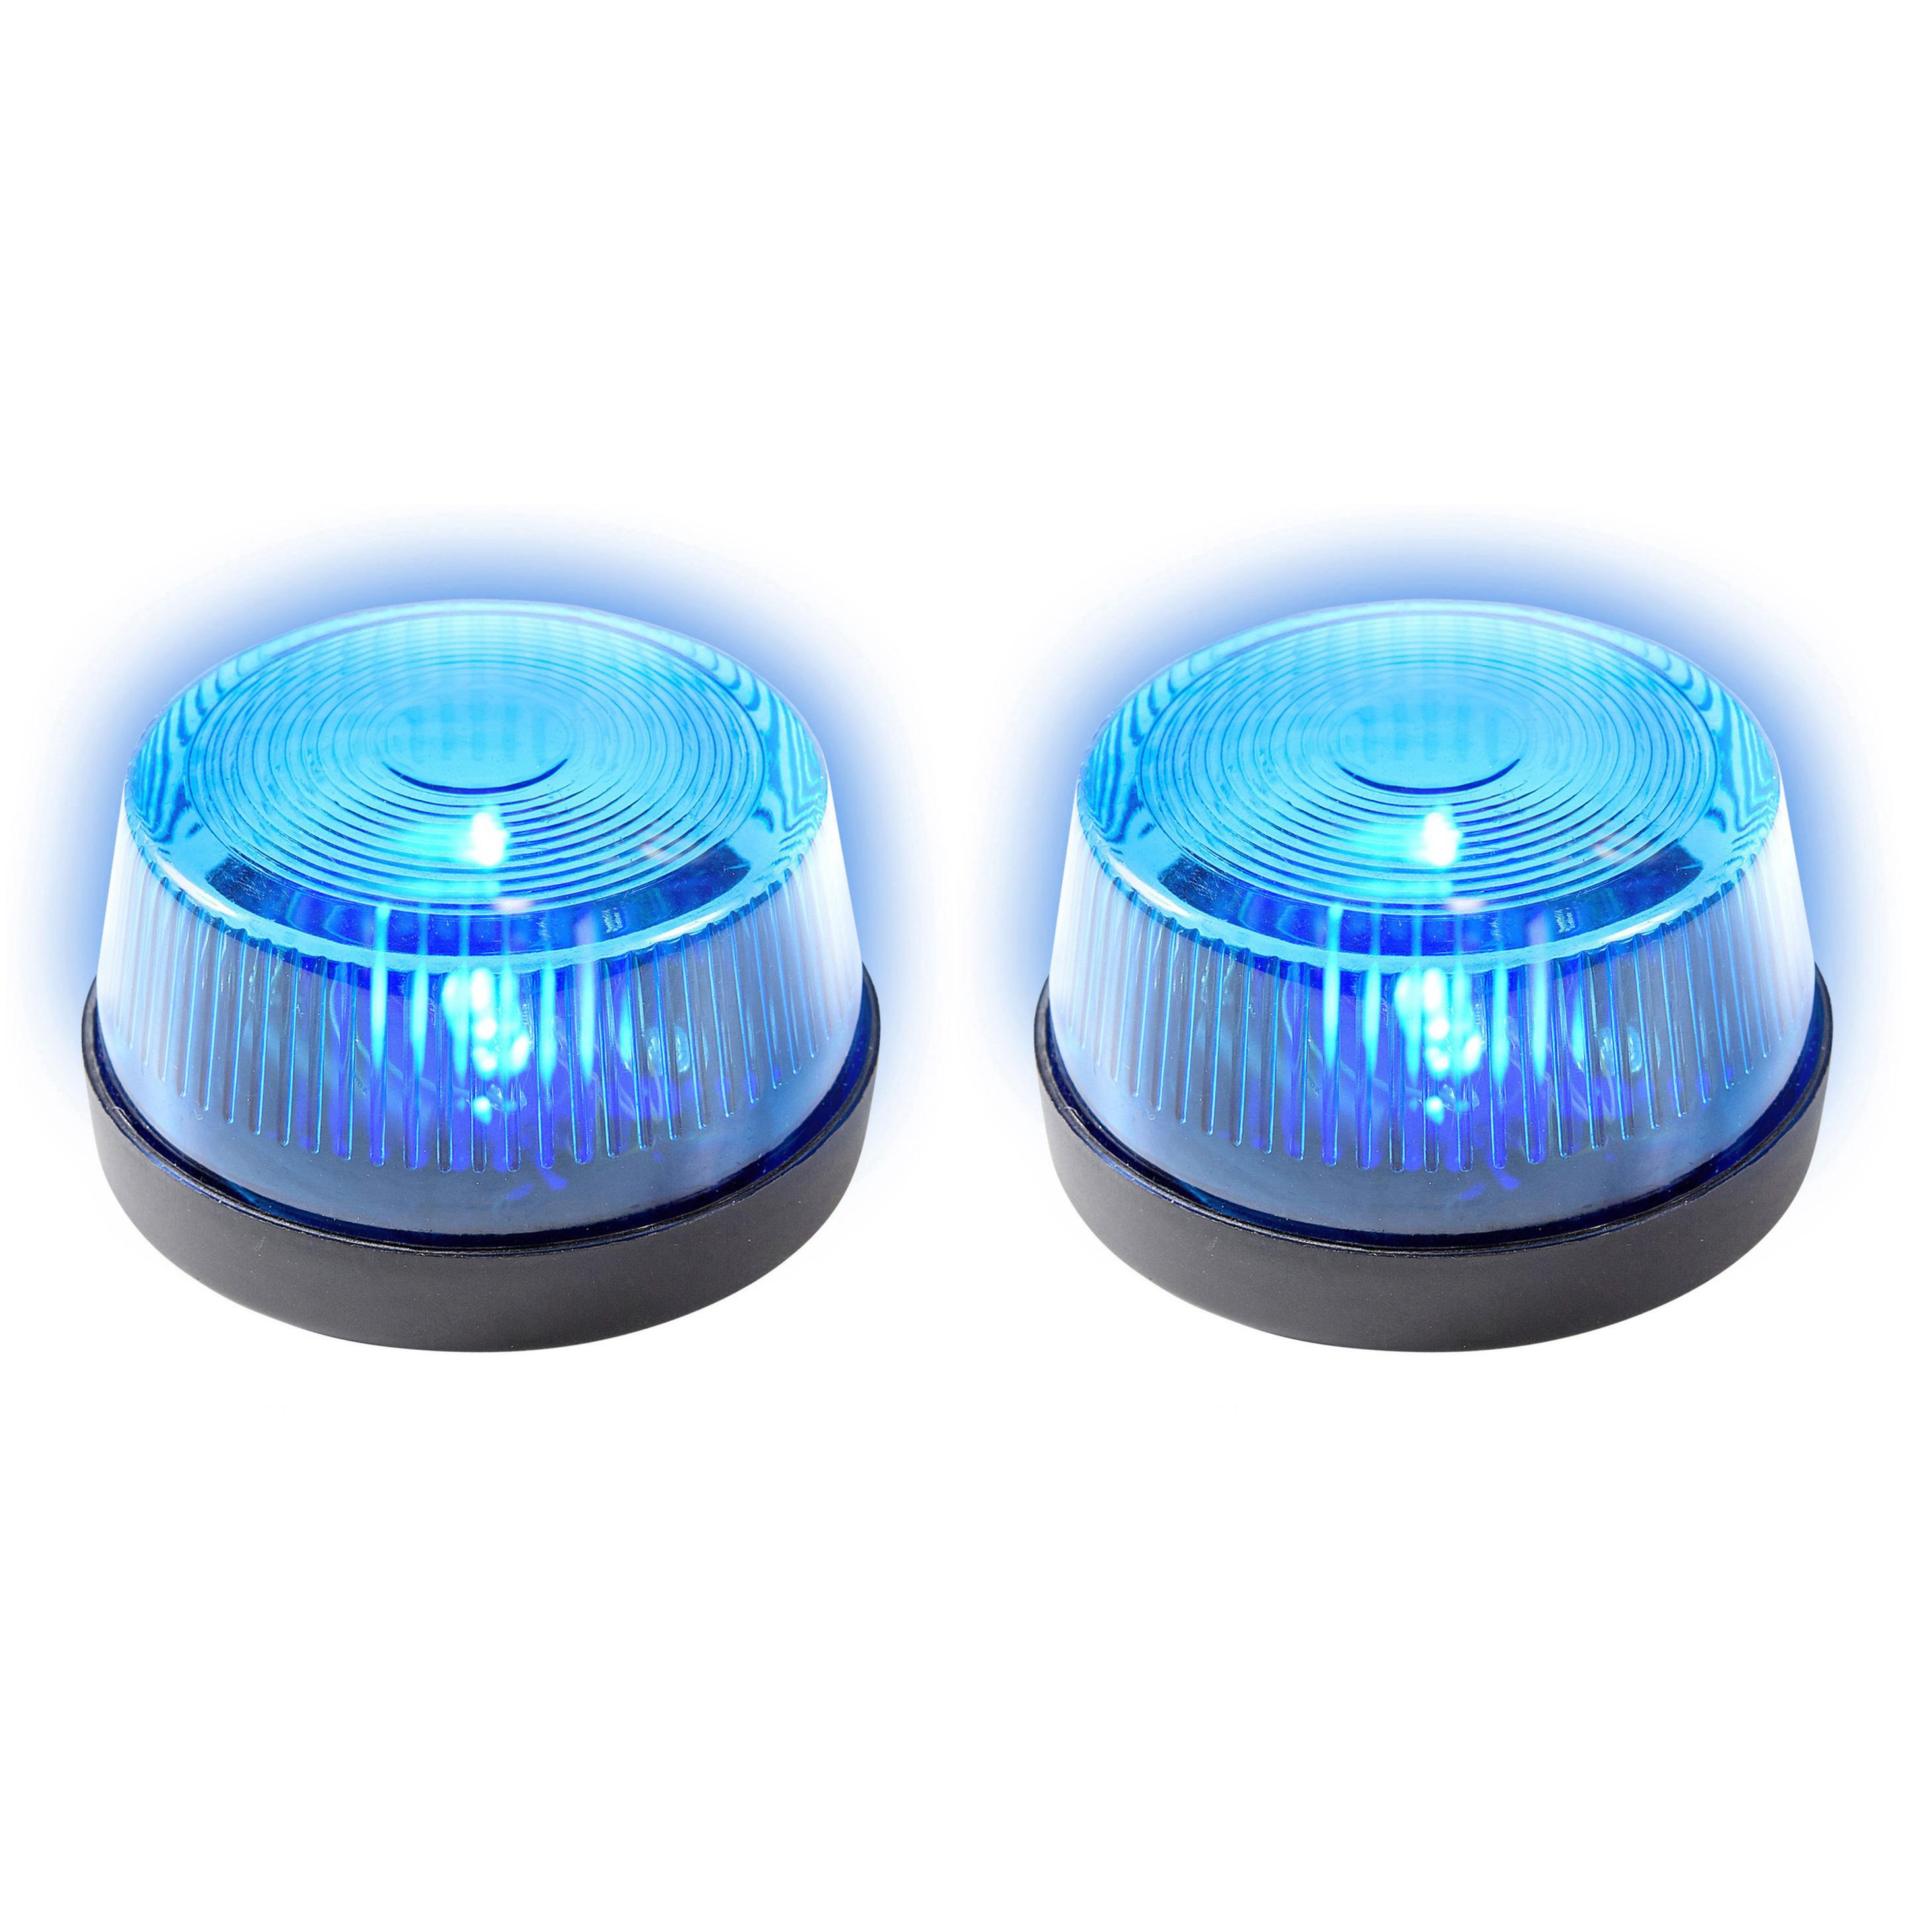 Set van 2x stuks signaallampen signaallichten blauw led licht 10 cm politie speelgoed feestverlichting